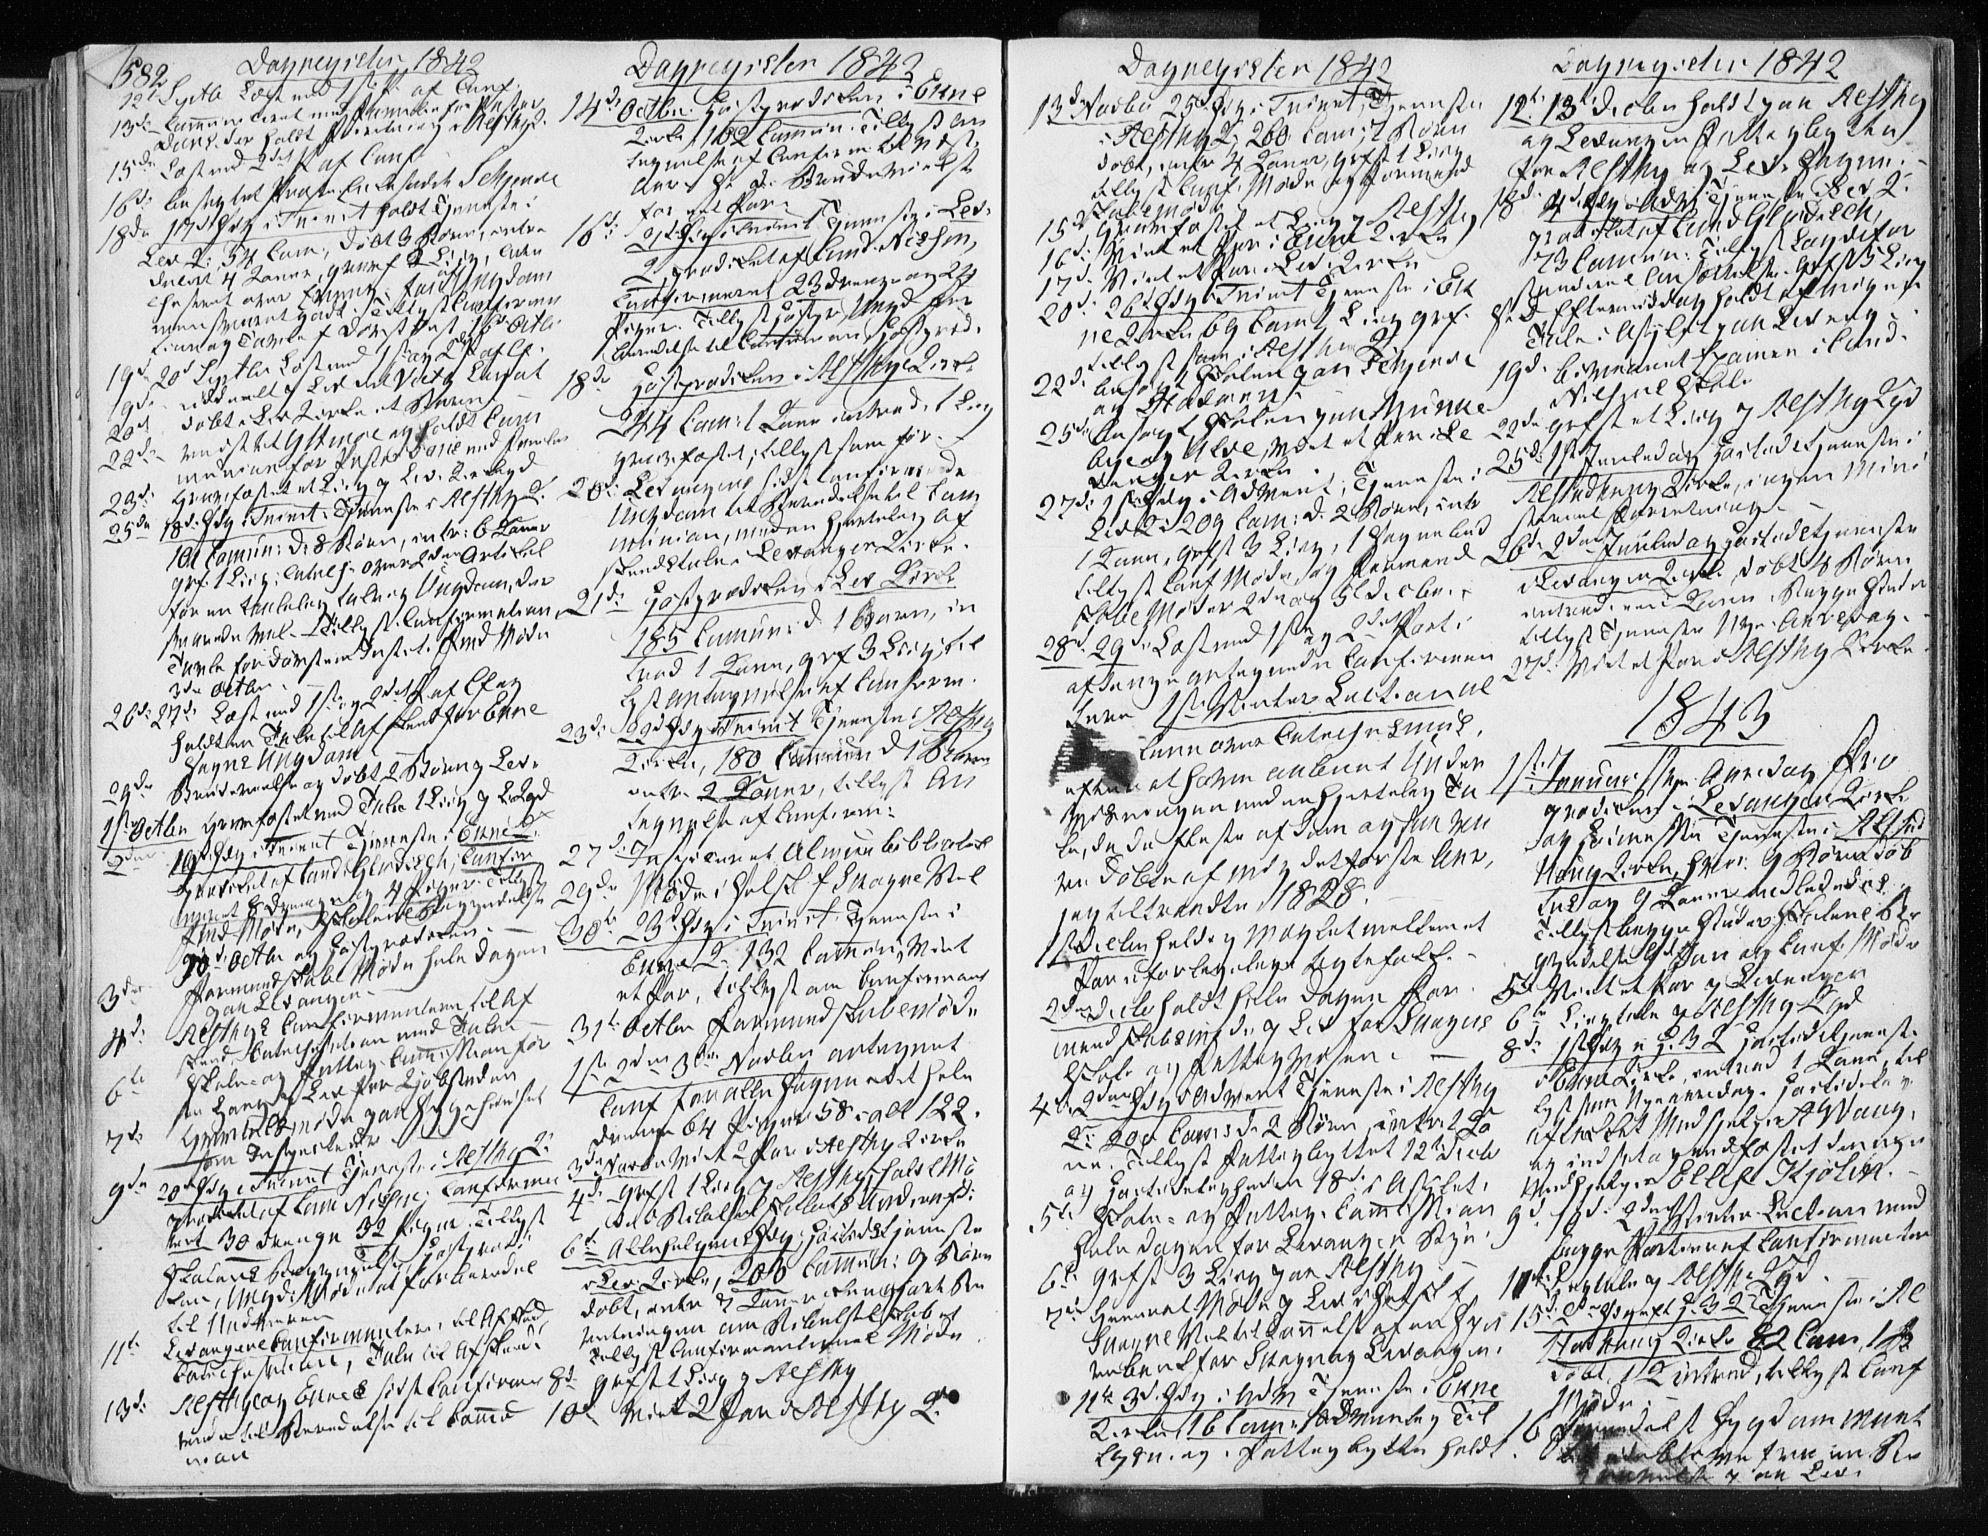 SAT, Ministerialprotokoller, klokkerbøker og fødselsregistre - Nord-Trøndelag, 717/L0154: Ministerialbok nr. 717A06 /1, 1836-1849, s. 582